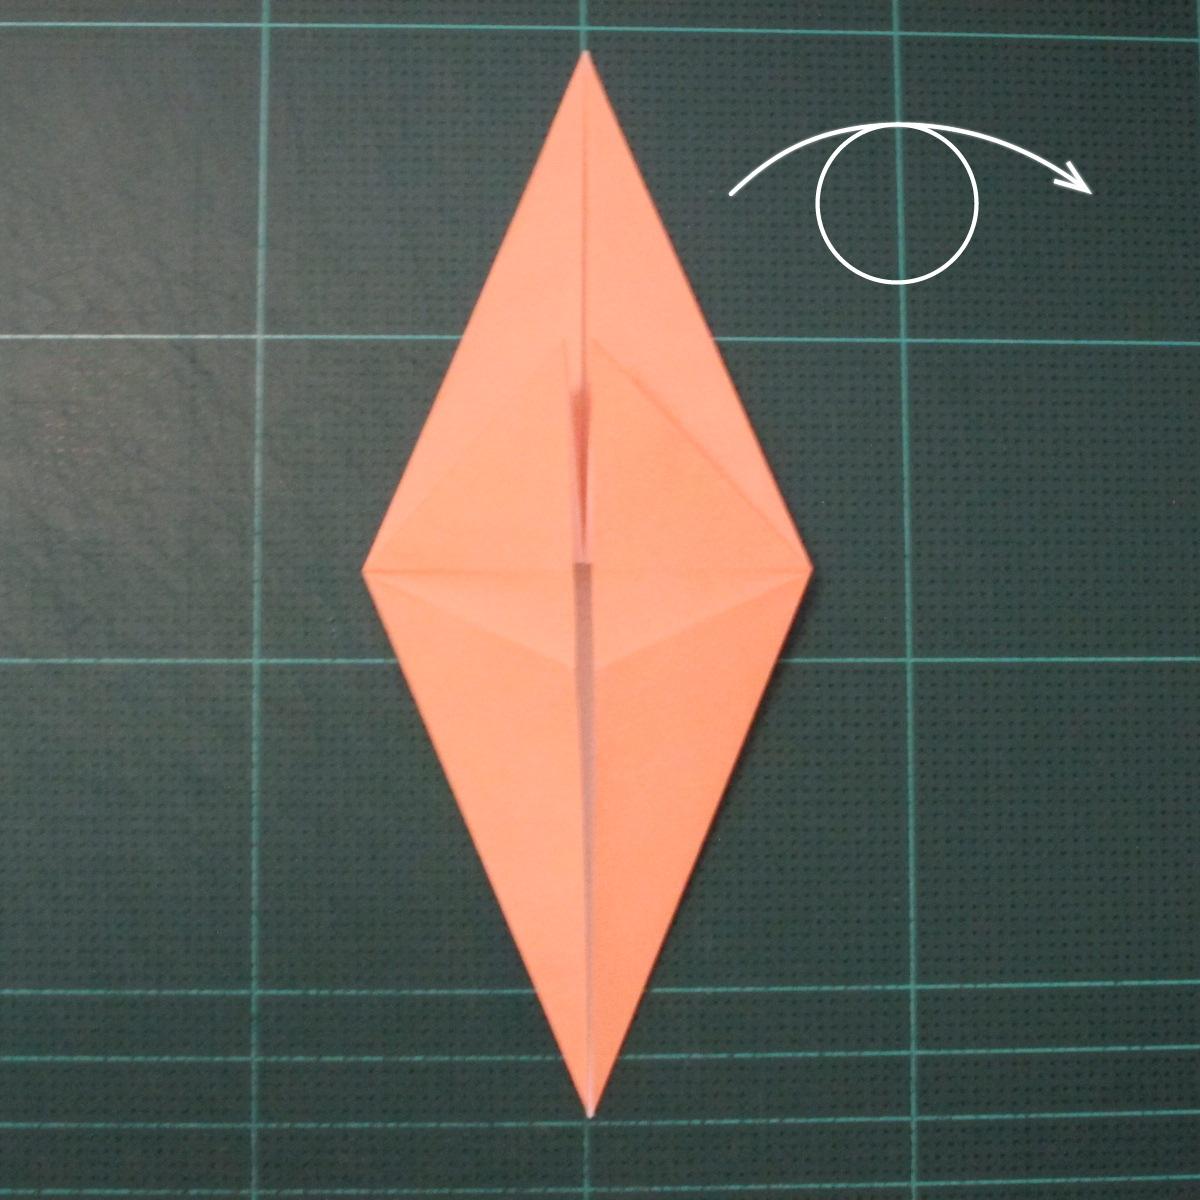 วิธีพับกระดาษเป็นรูปปลาโลมาแบบง่าย (Easy Origami Dolphin) 005